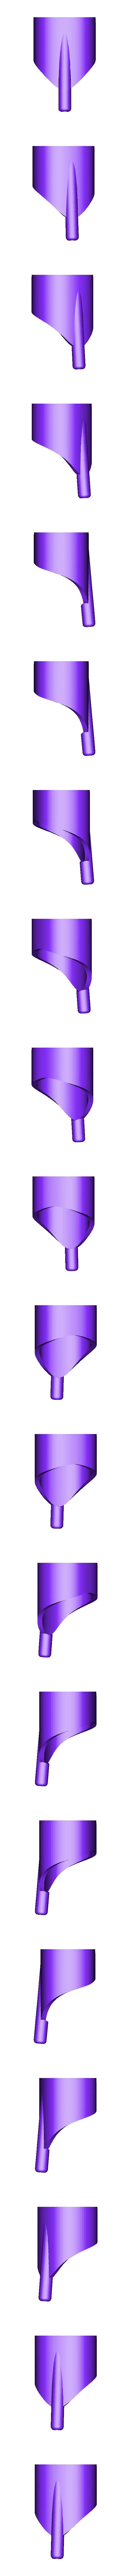 thimble1_part_1.stl Télécharger fichier STL gratuit Kara Kesh (arme de poing goa'uld) • Plan pour imprimante 3D, poblocki1982